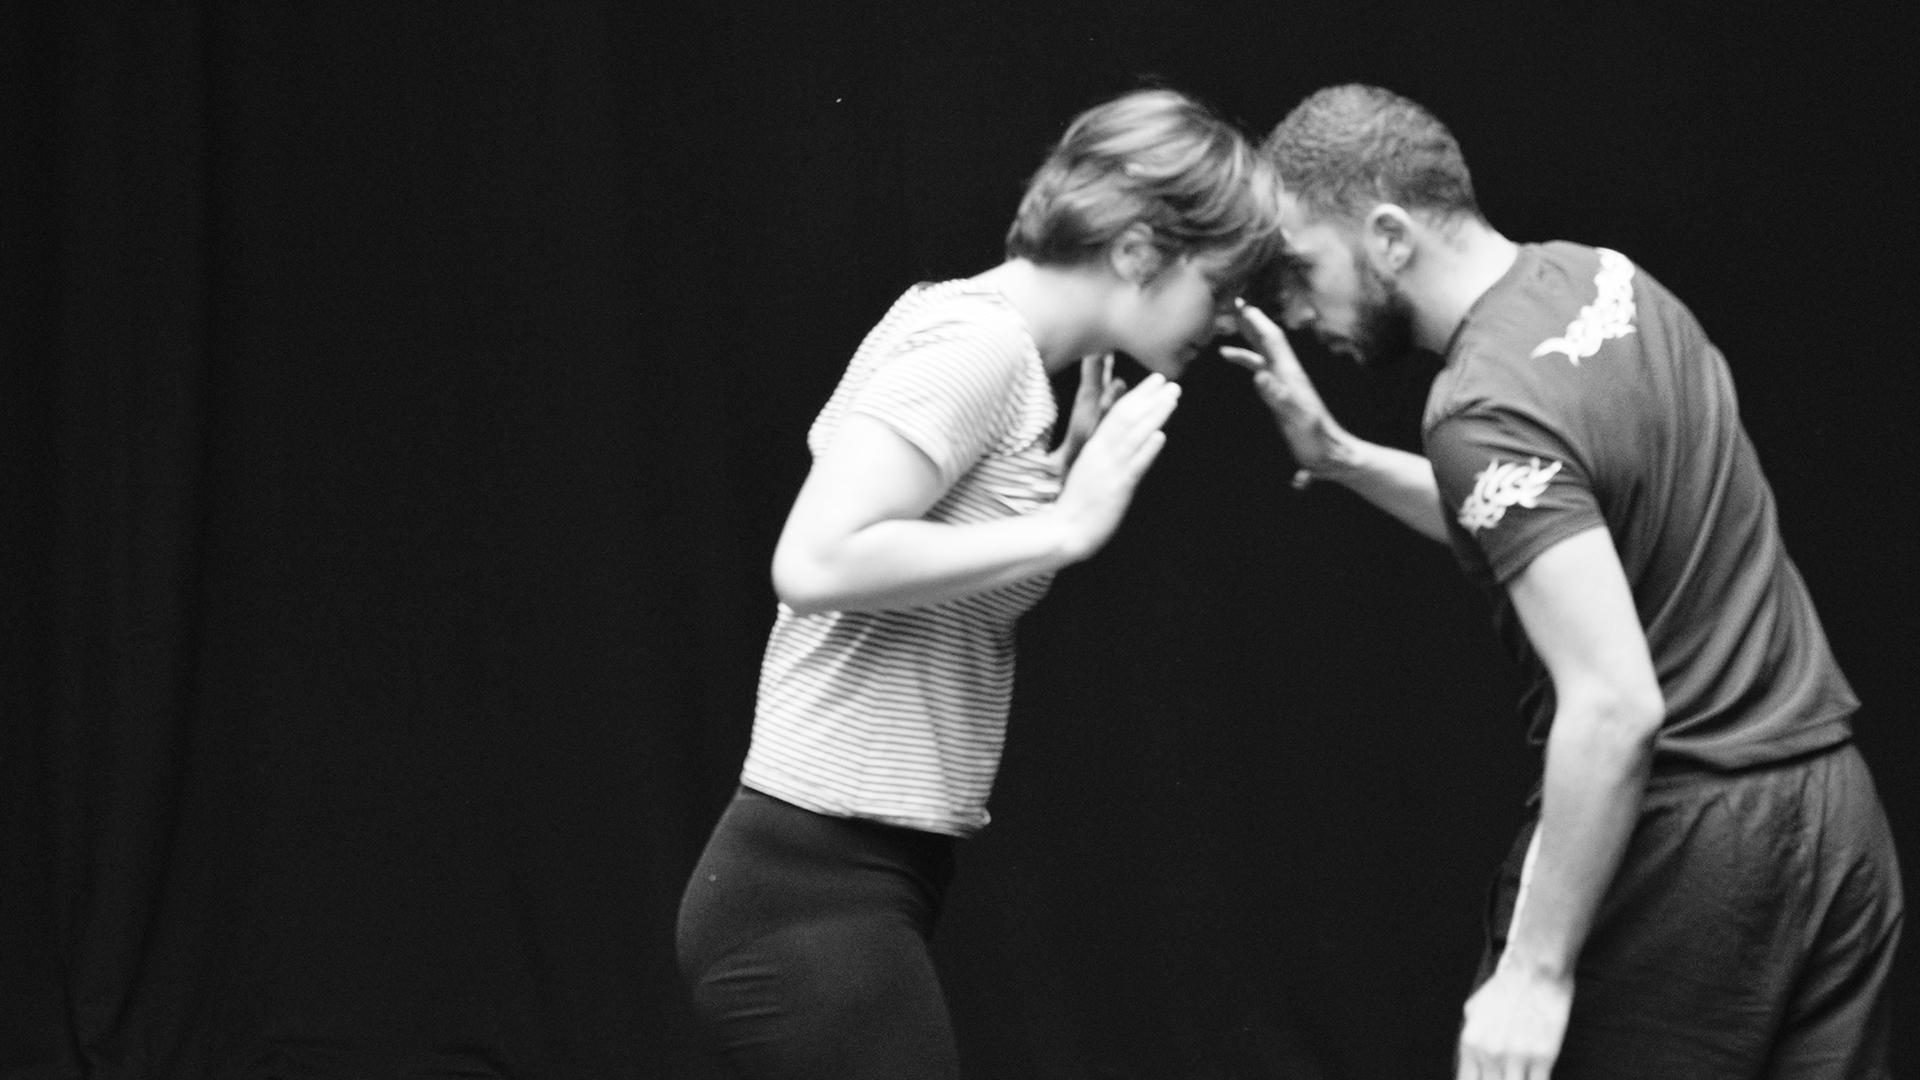 Matthias-Markstein-Tanz-Choreografie-MultiMoves-Foto-Ali-Apurian